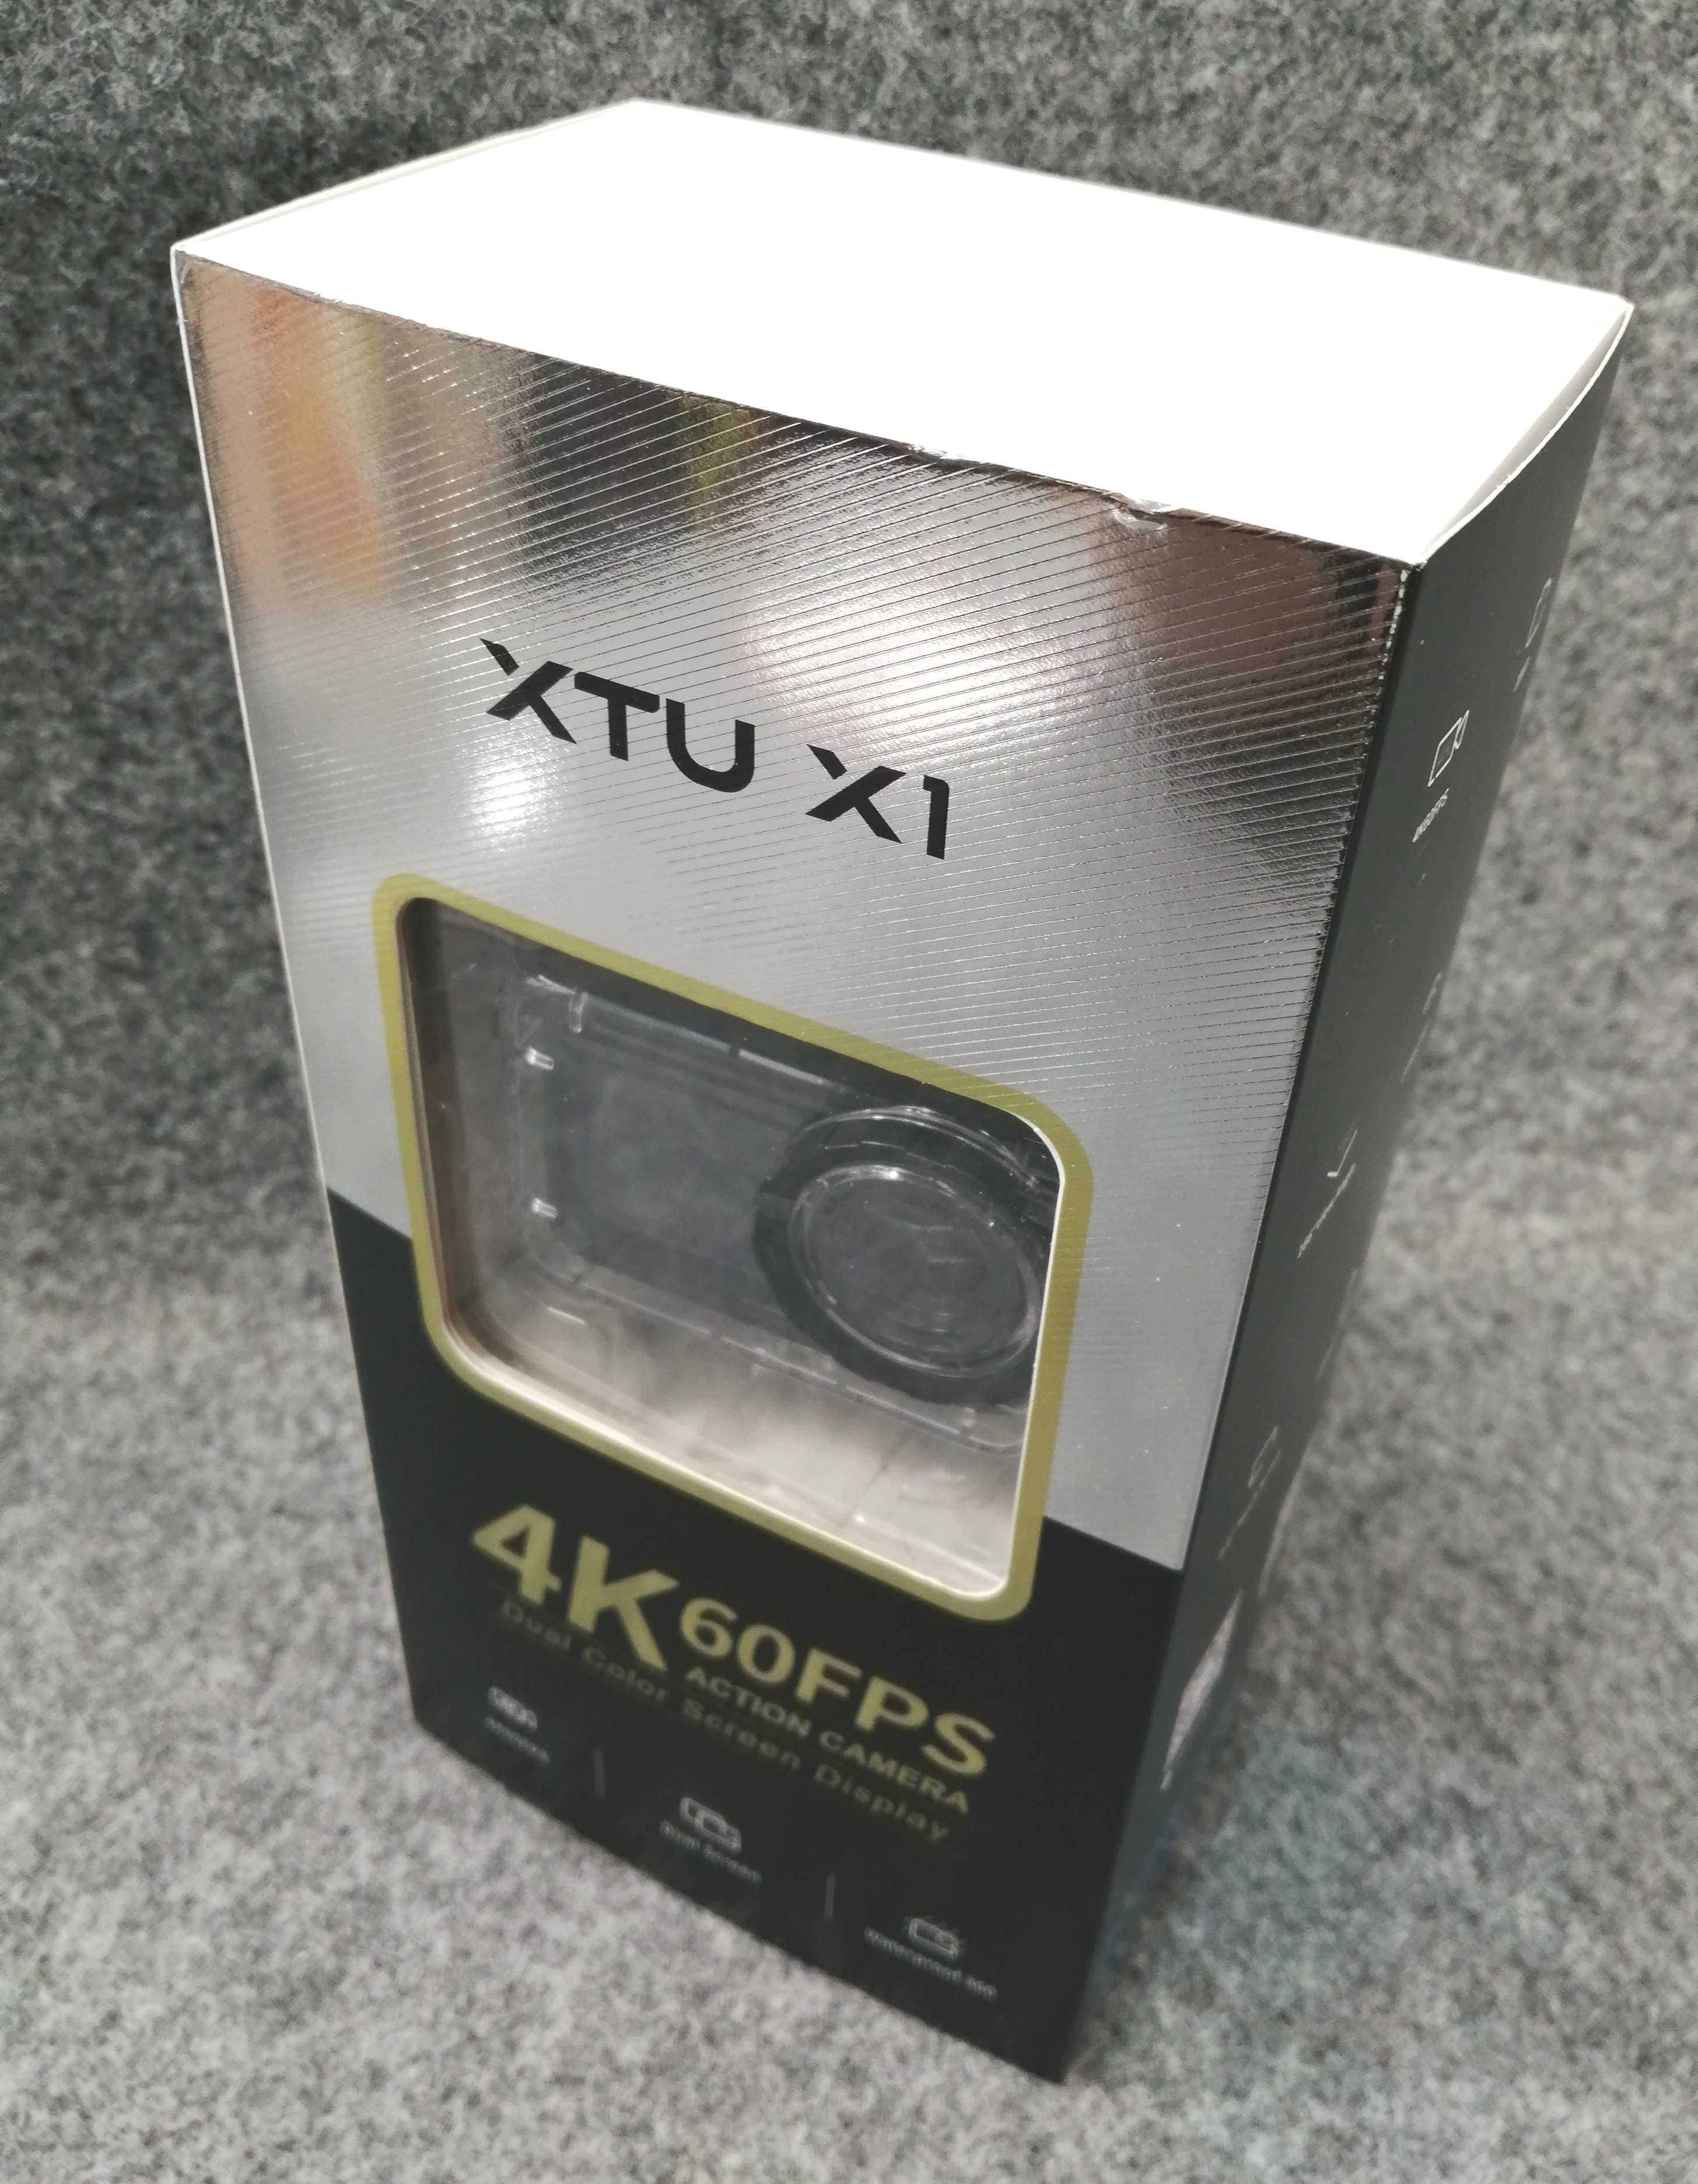 アクションカメラ|XTU